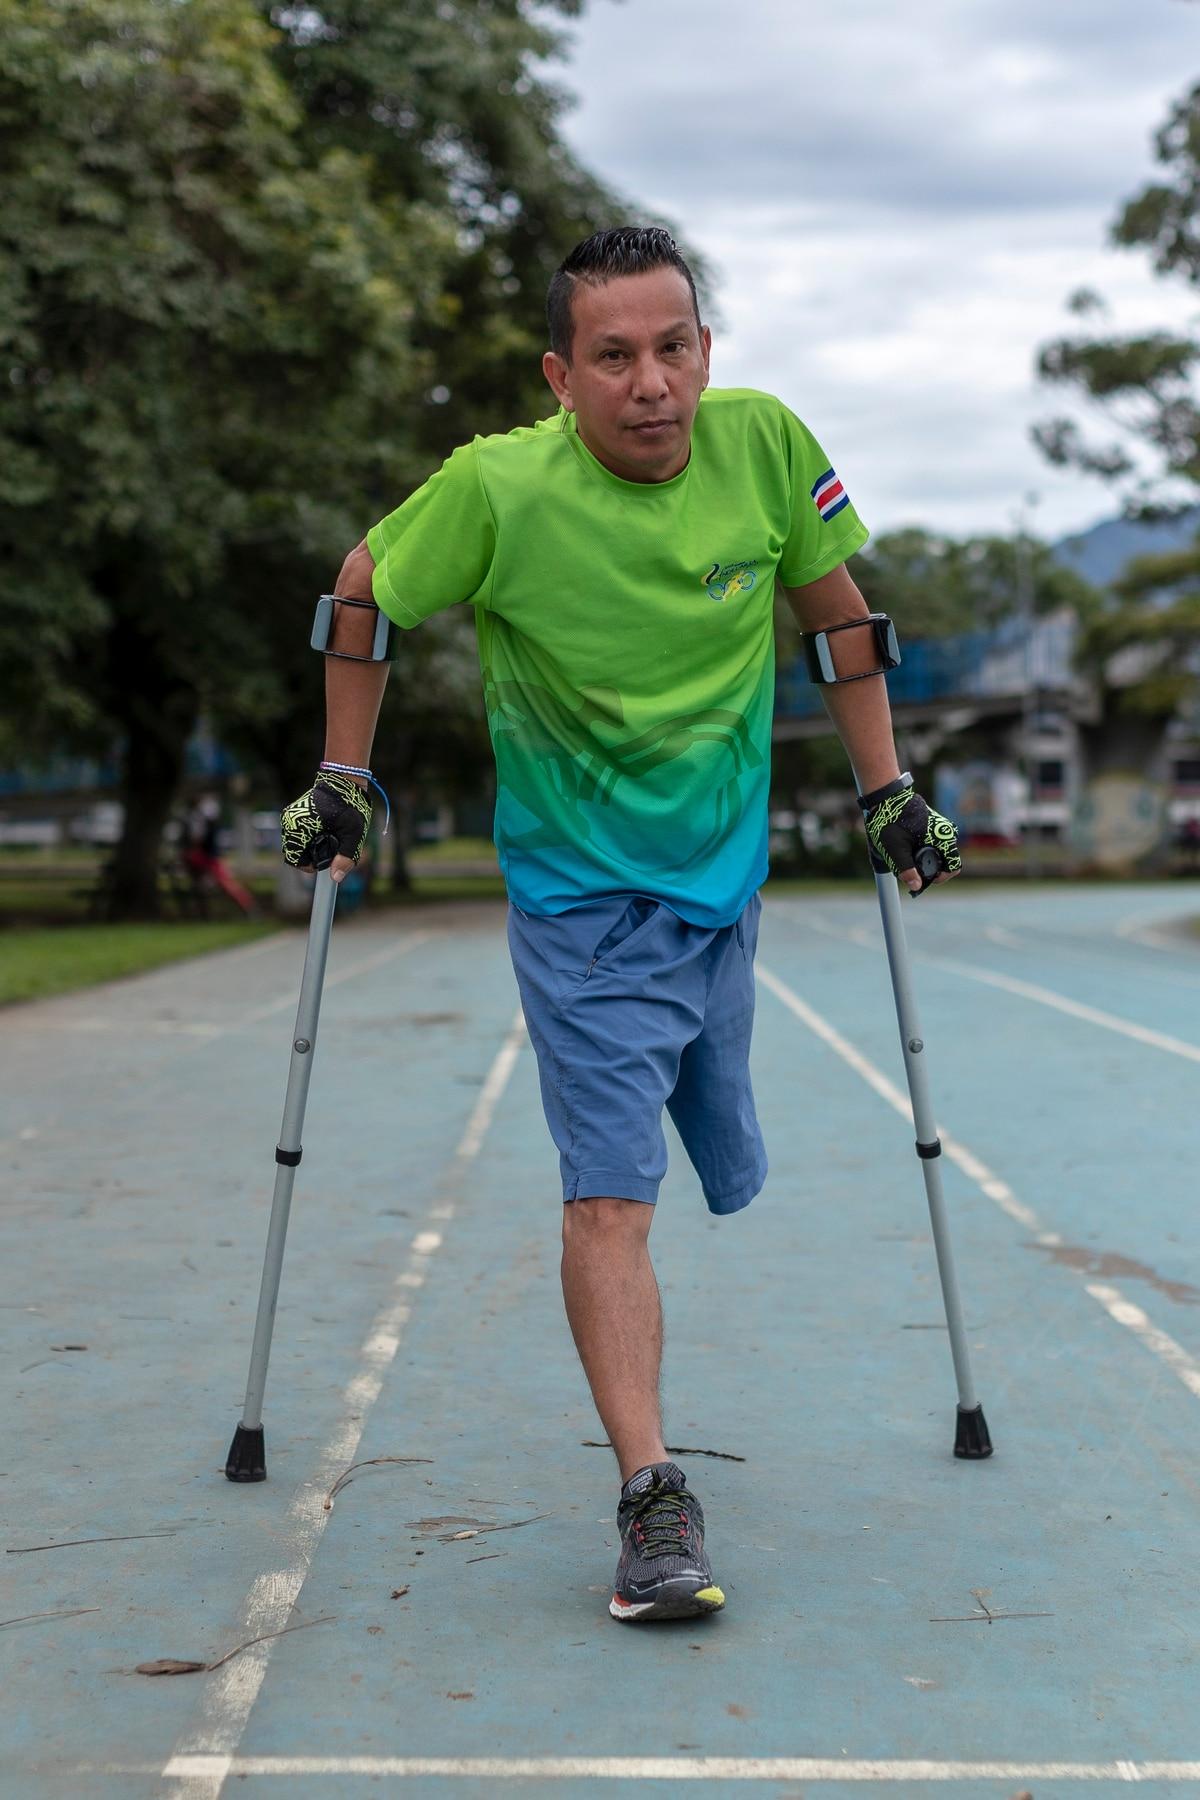 Iván Rodríguez aprendió a correr con muletas a finales del 2017, hoy corre medias maratones y es parte del equipo de San Francisco de Dos Ríos. Foto: José Cordero